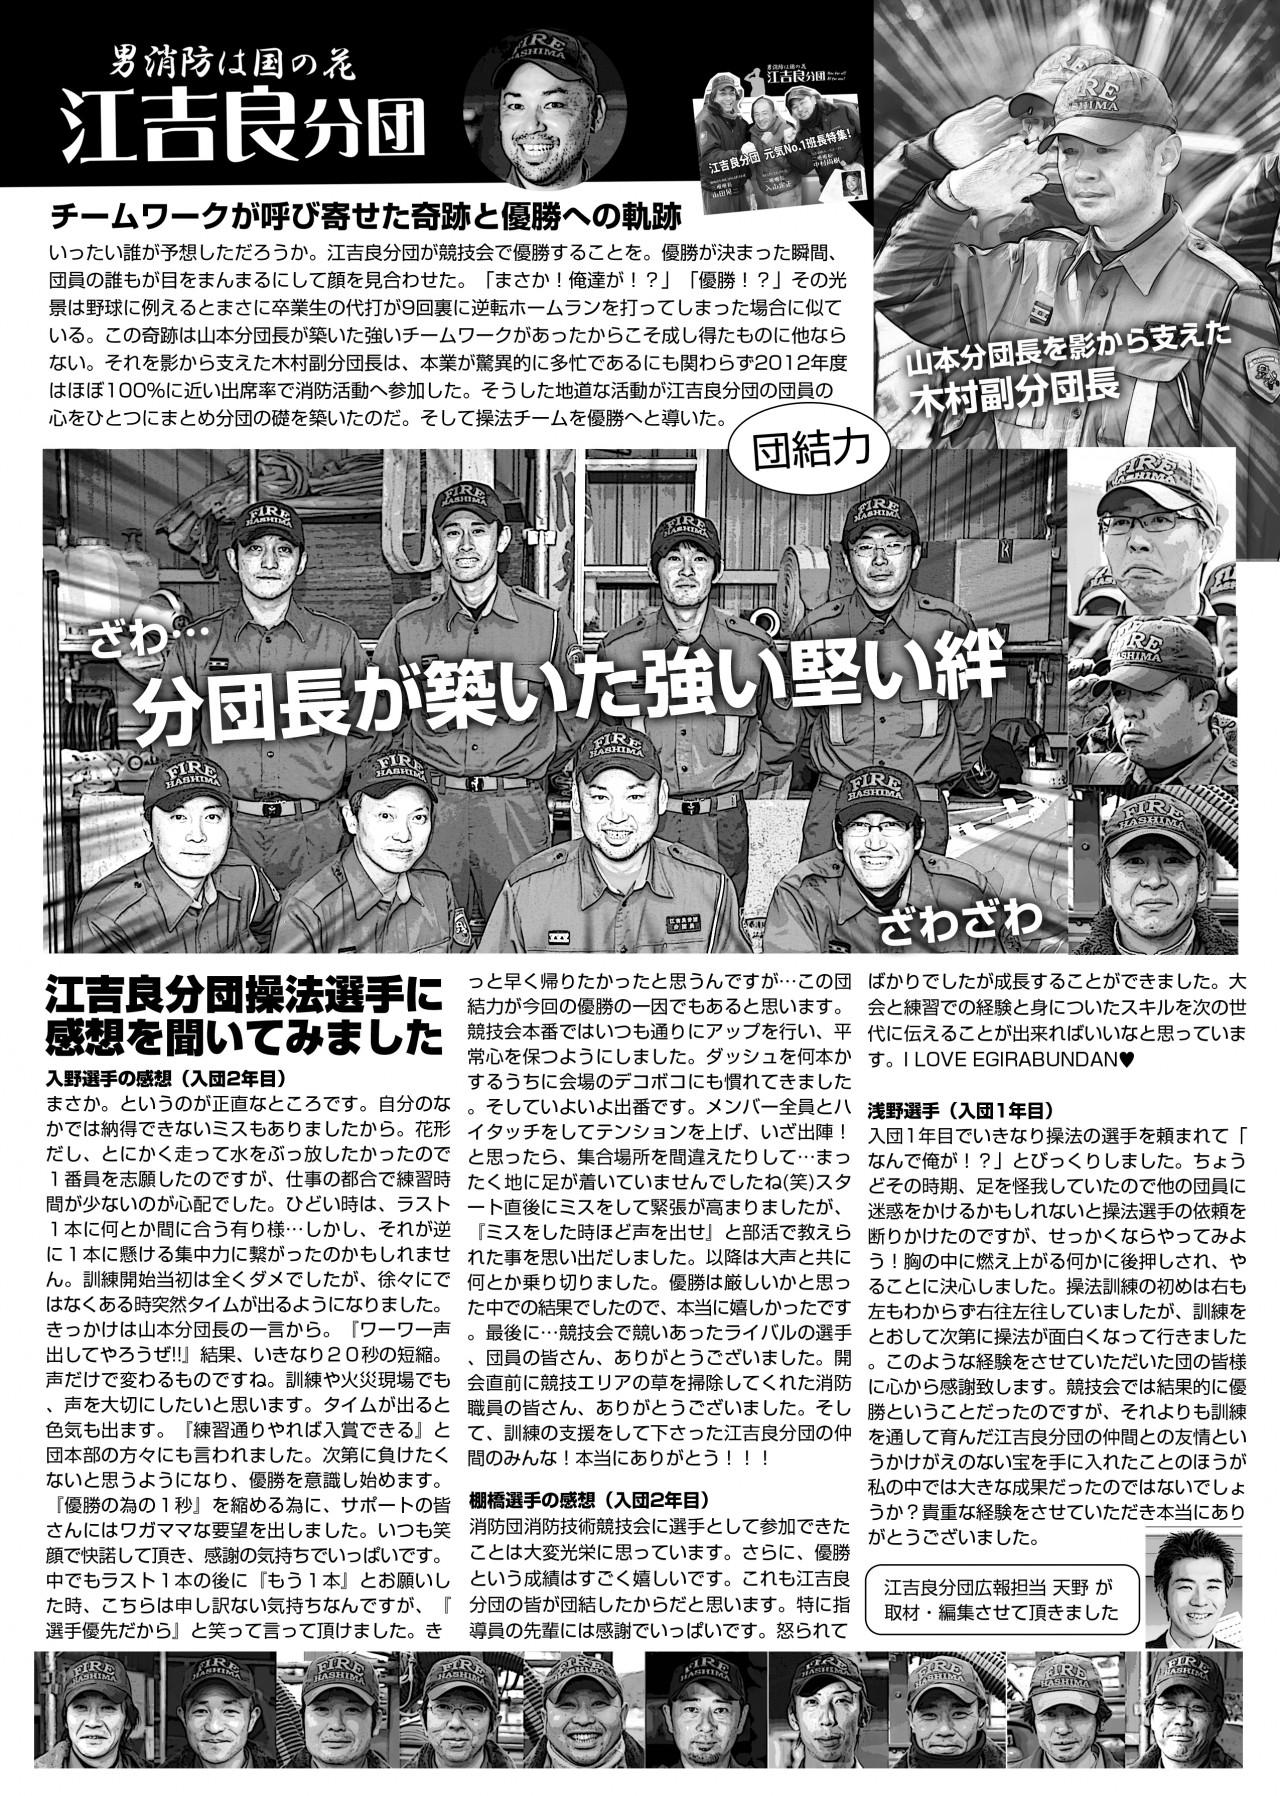 江吉良広報201303